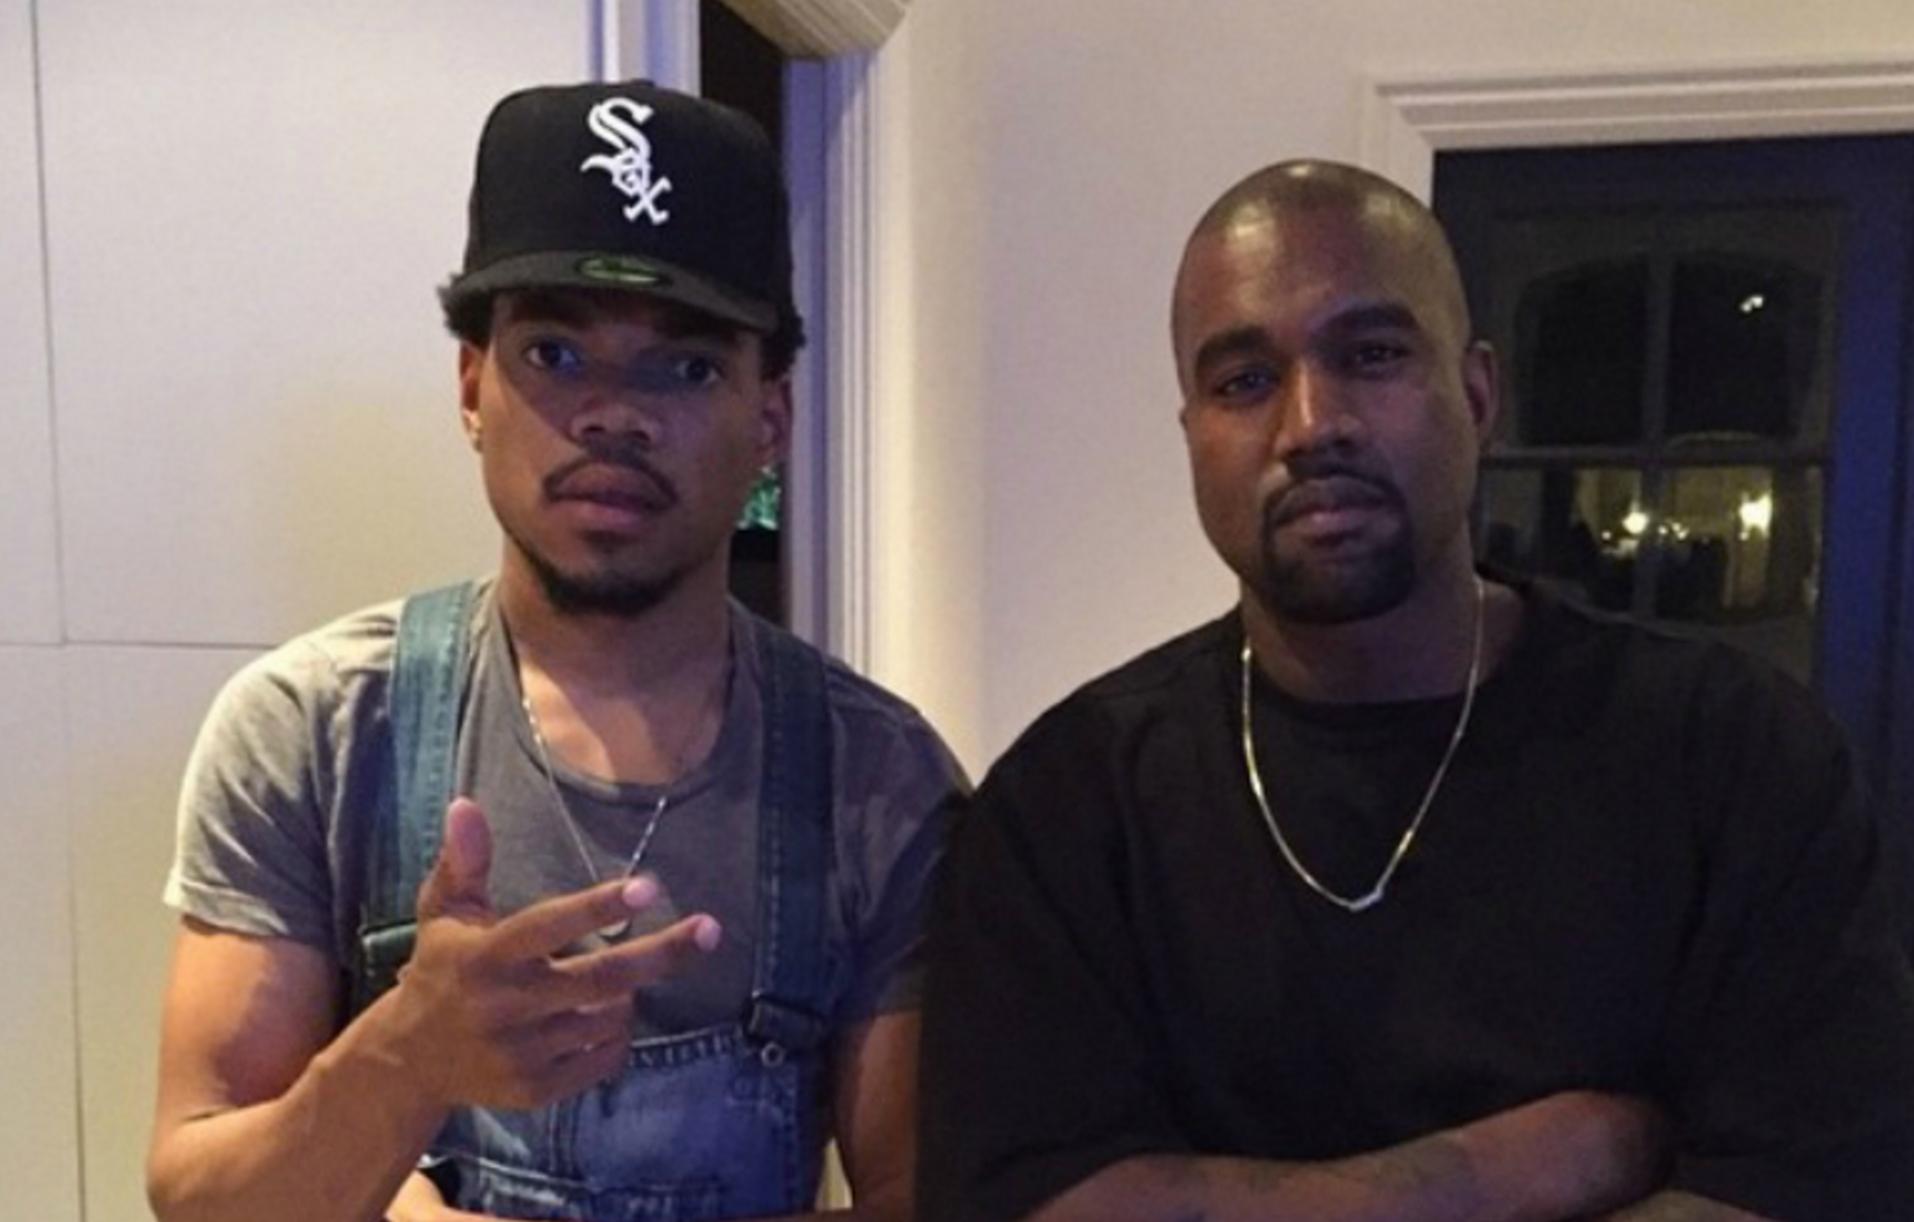 Chance the Rapper sale en defensa de la candidatura de Kanye West por la presidencia de EE.UU.